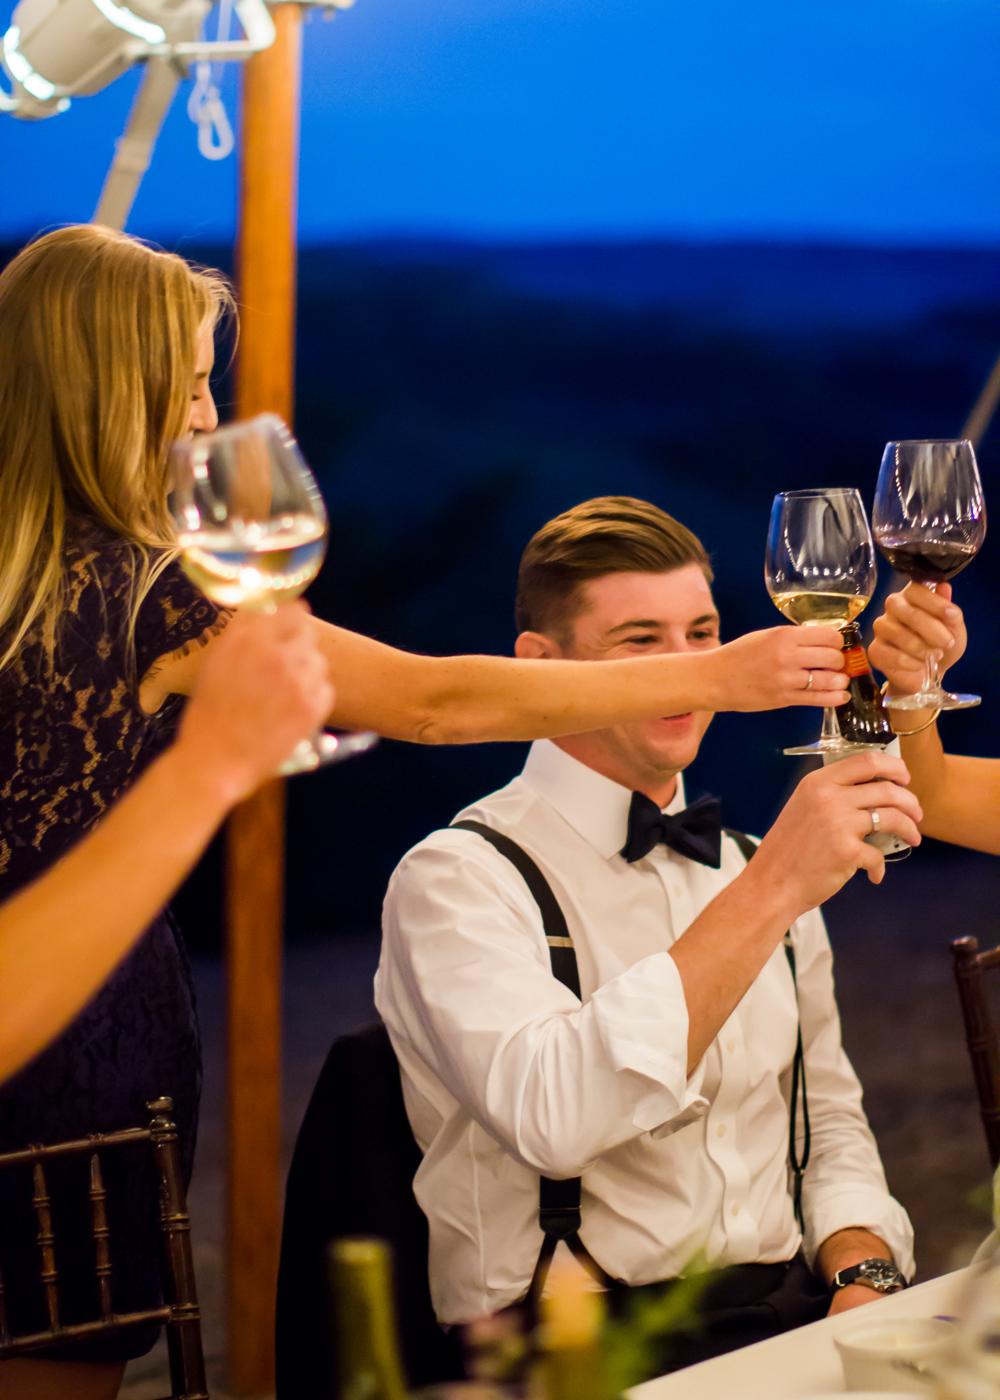 pescadero-private-estate-wedding-photography-lilouette-67.jpg